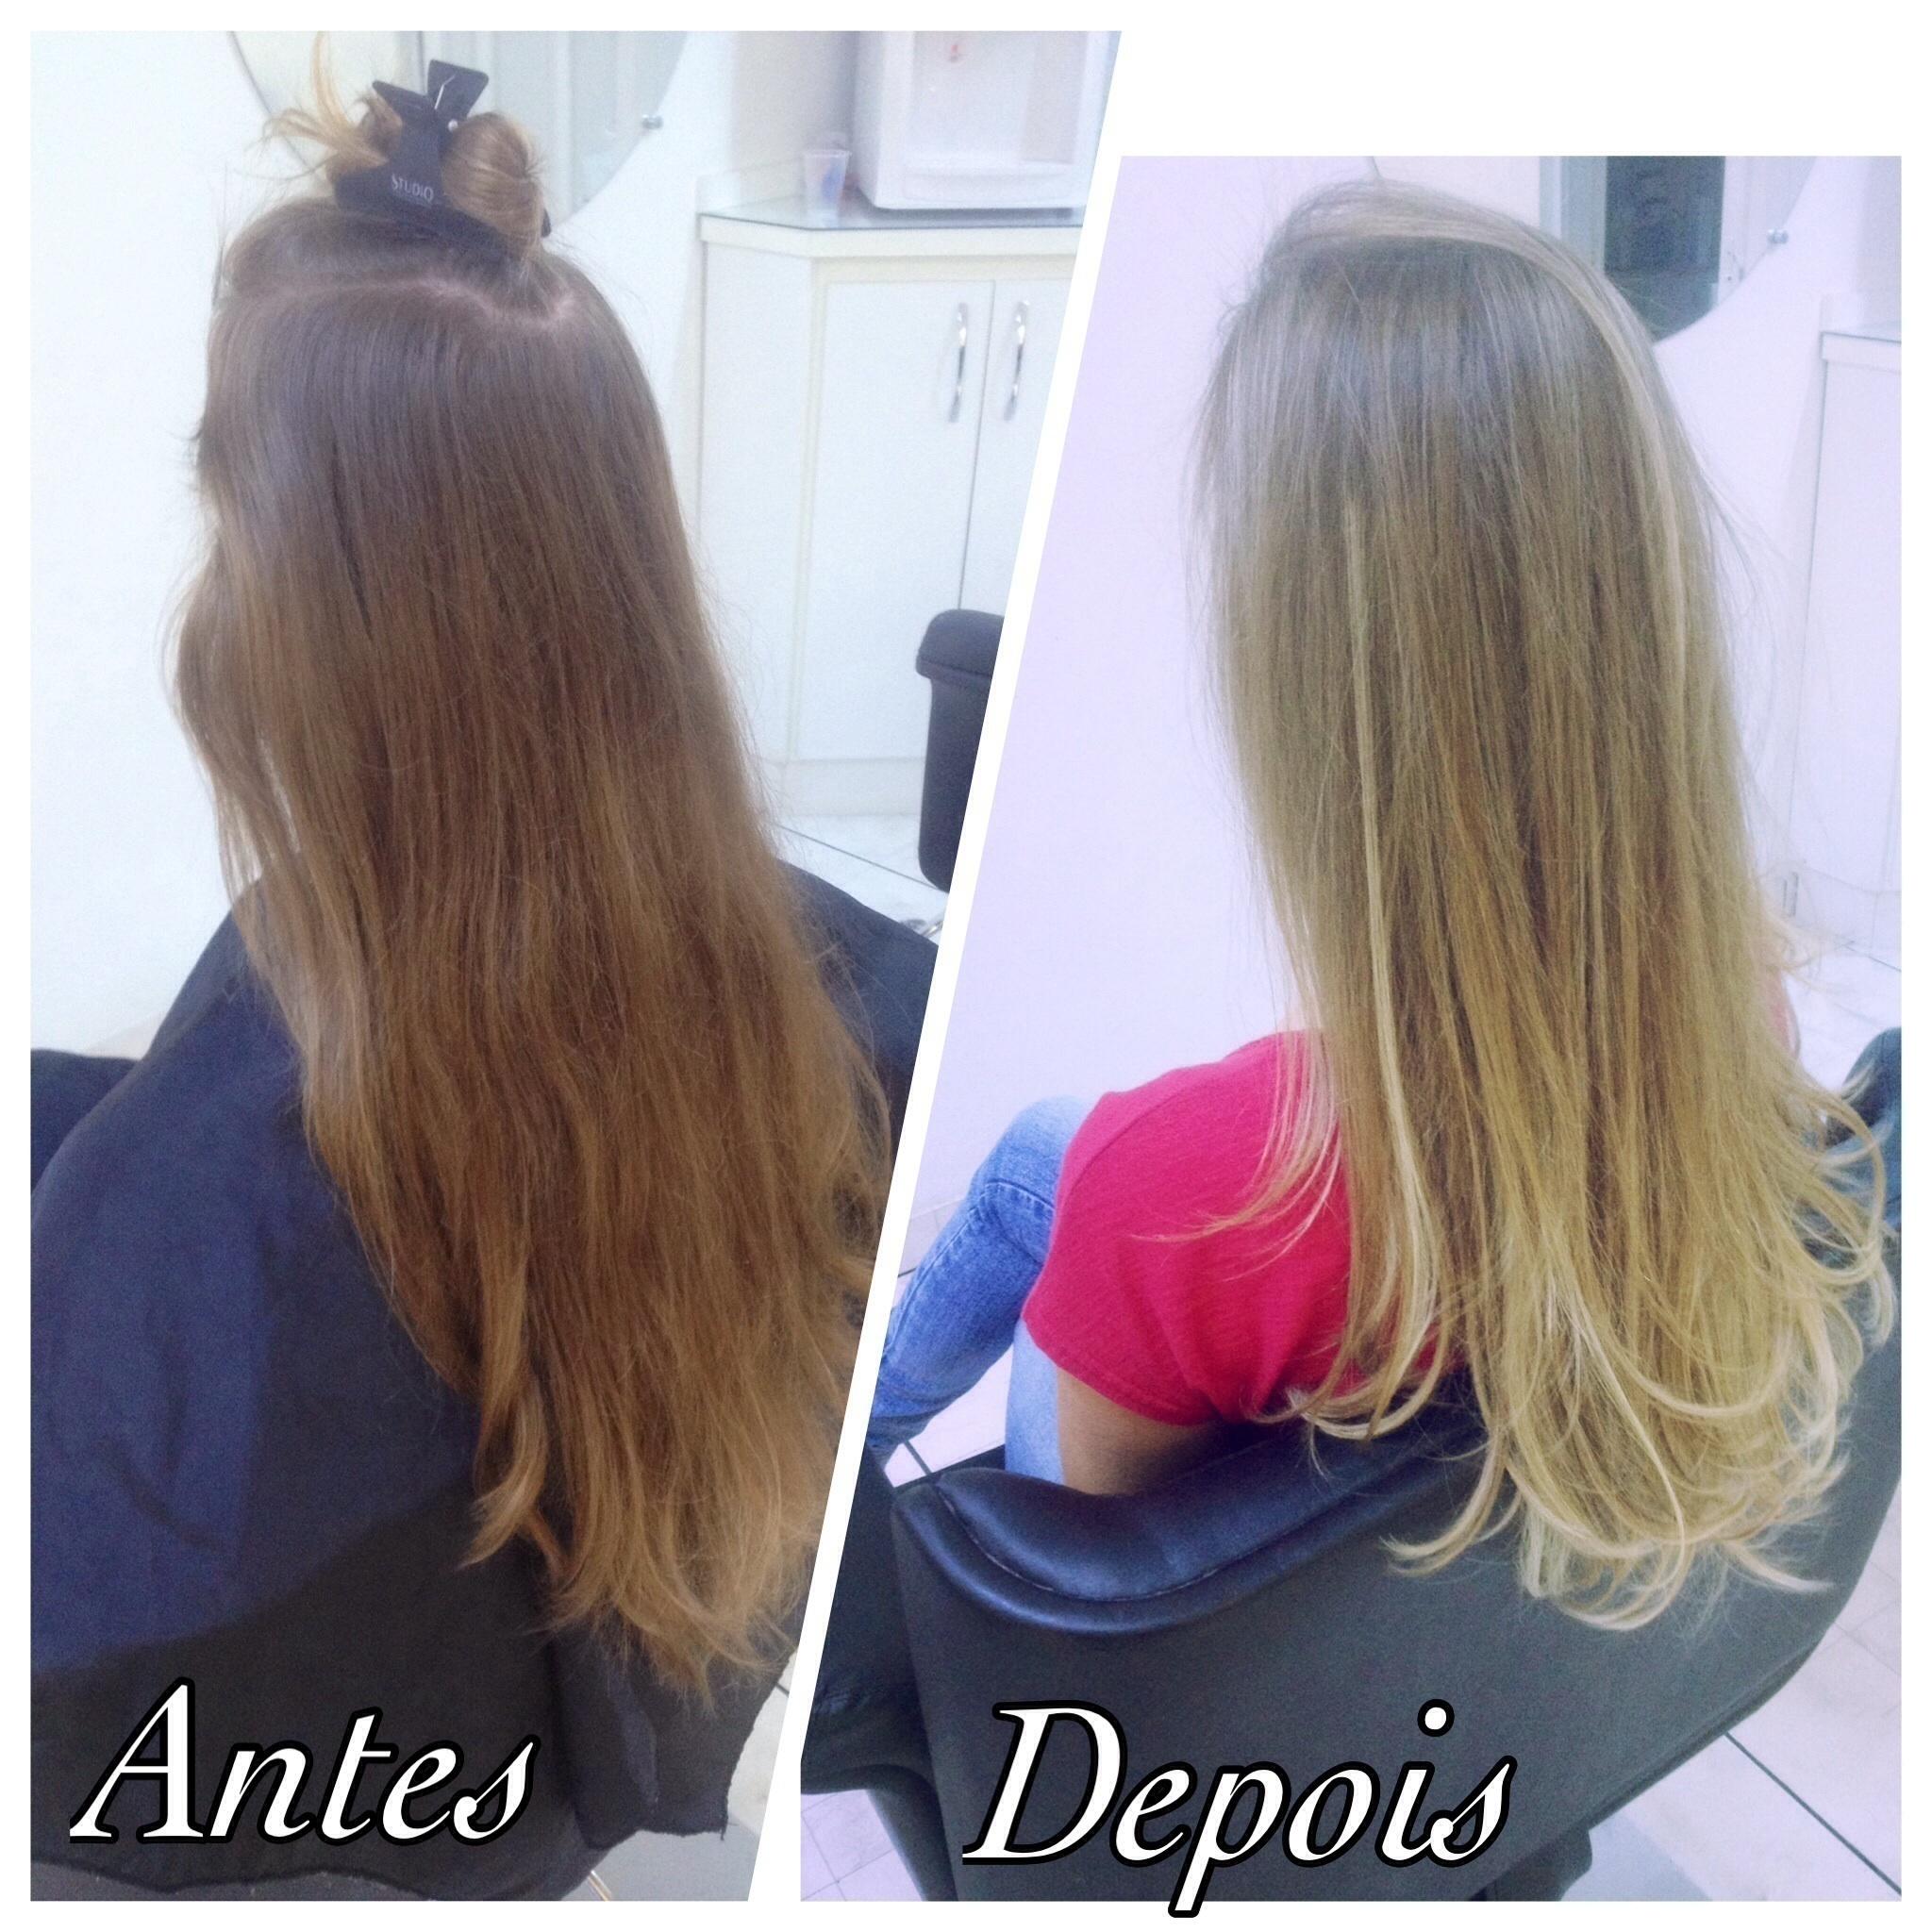 Mechas ombre Hair  Transformação de cor  cabeleireiro(a) empresário(a) / dono de negócio esteticista escovista visagista